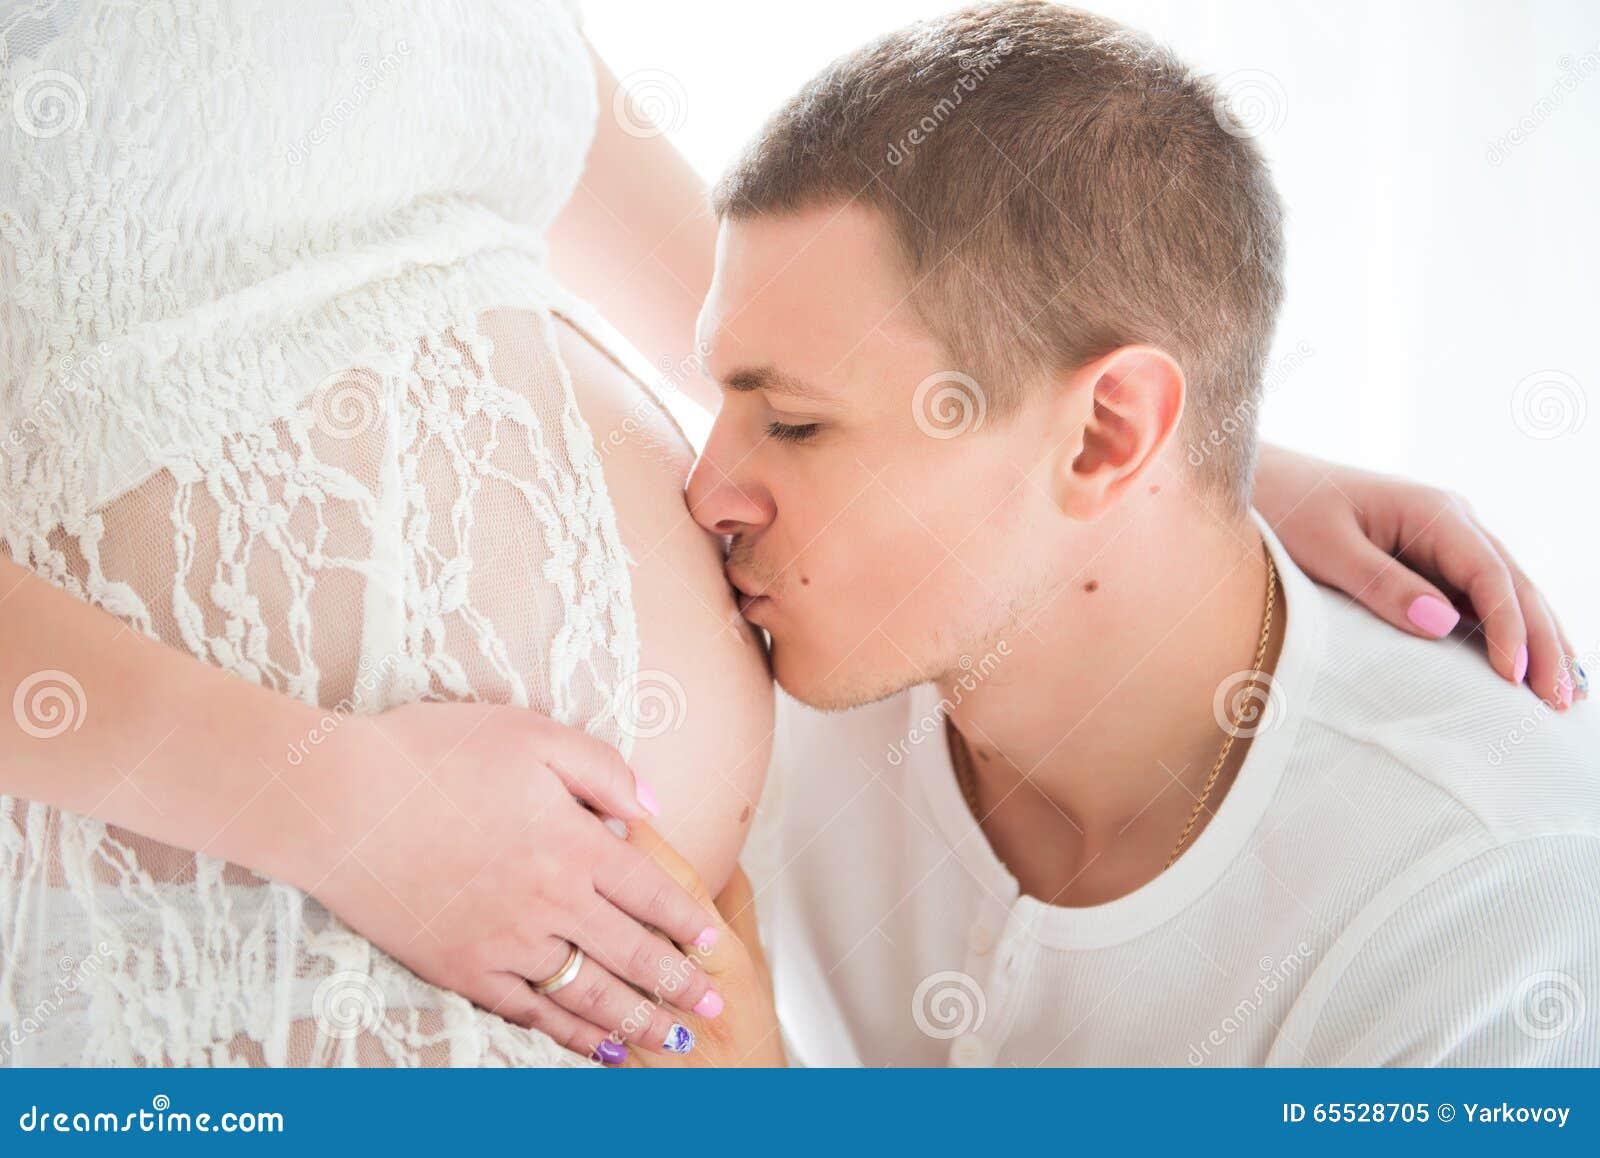 husband closeup